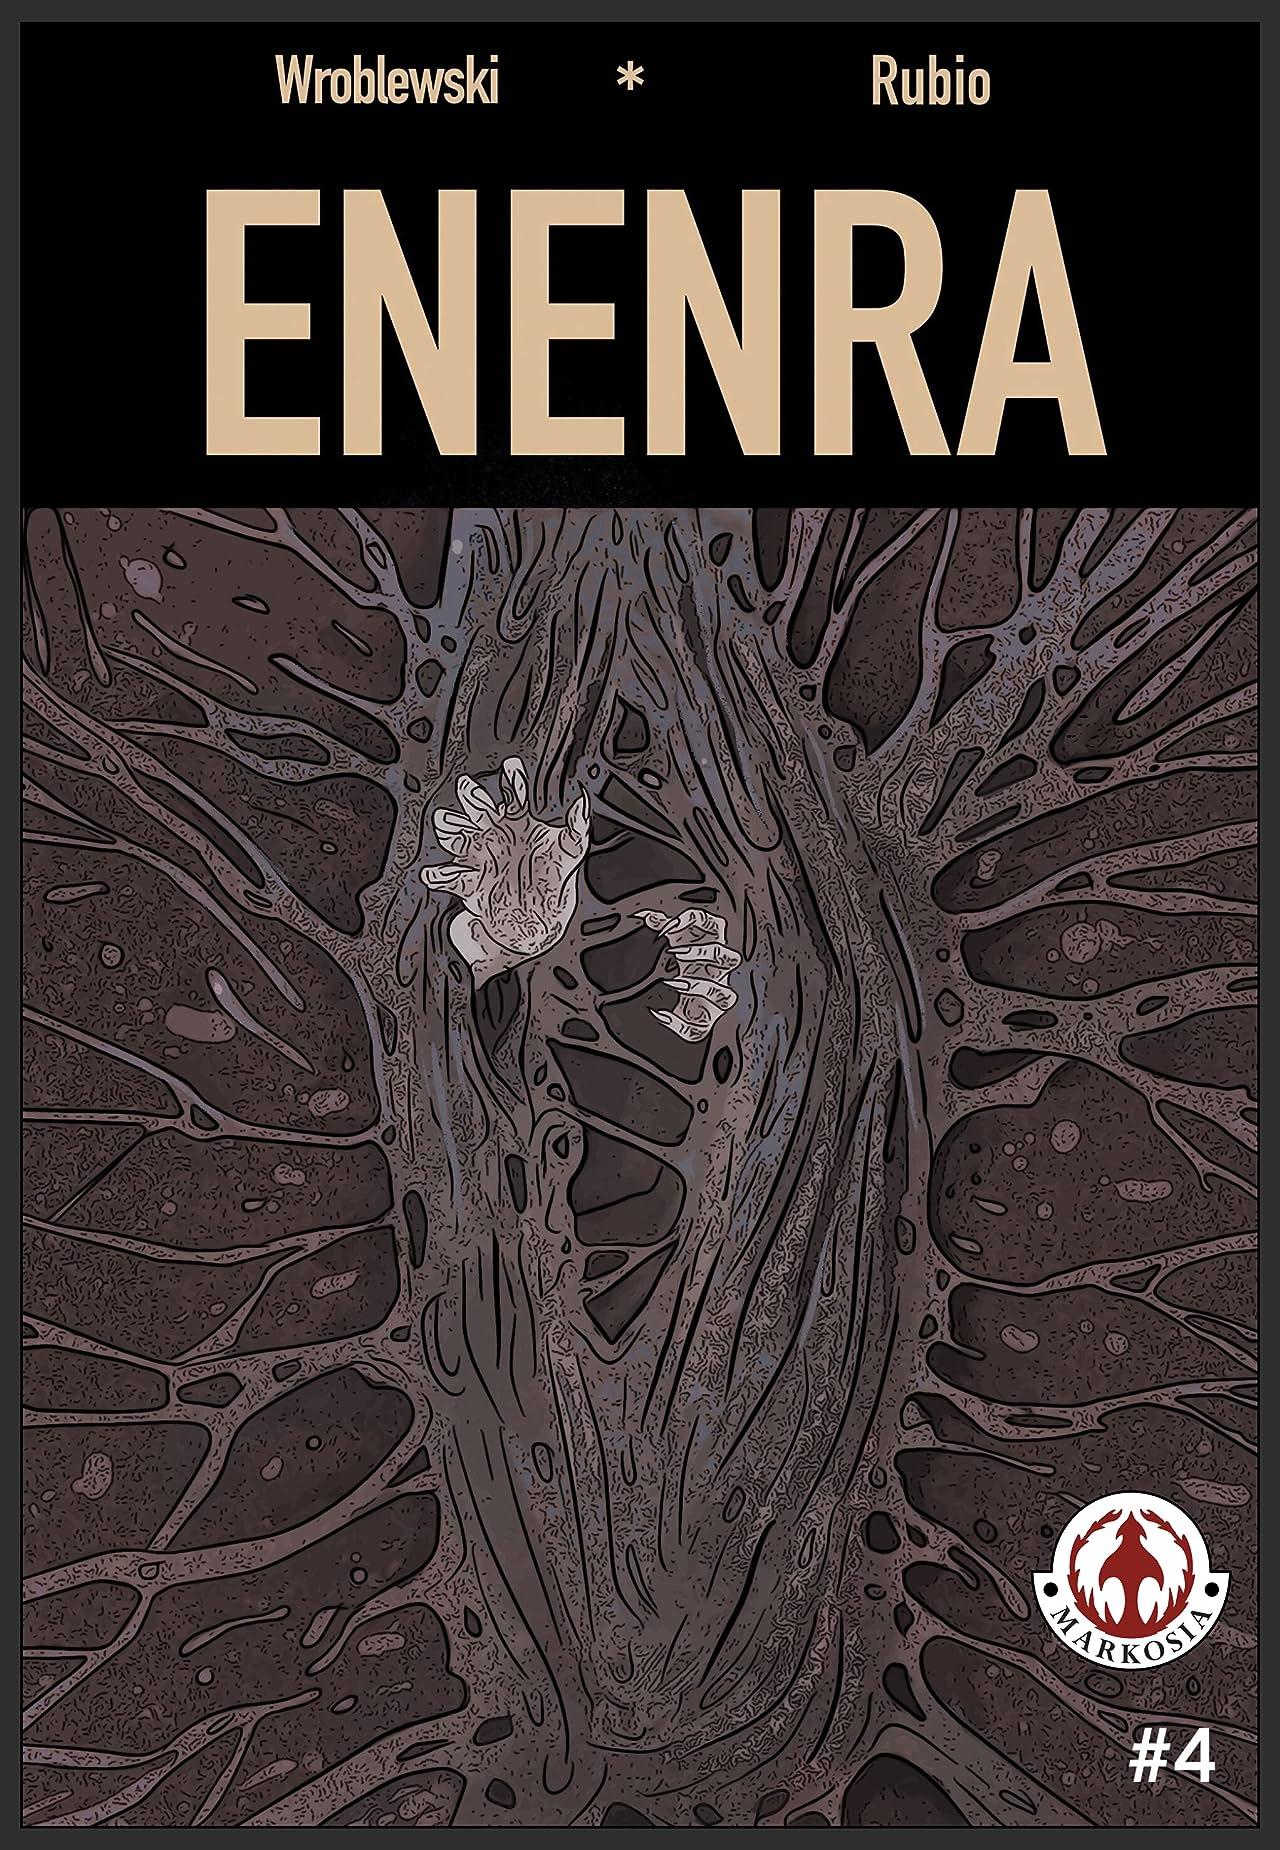 Enenra #4